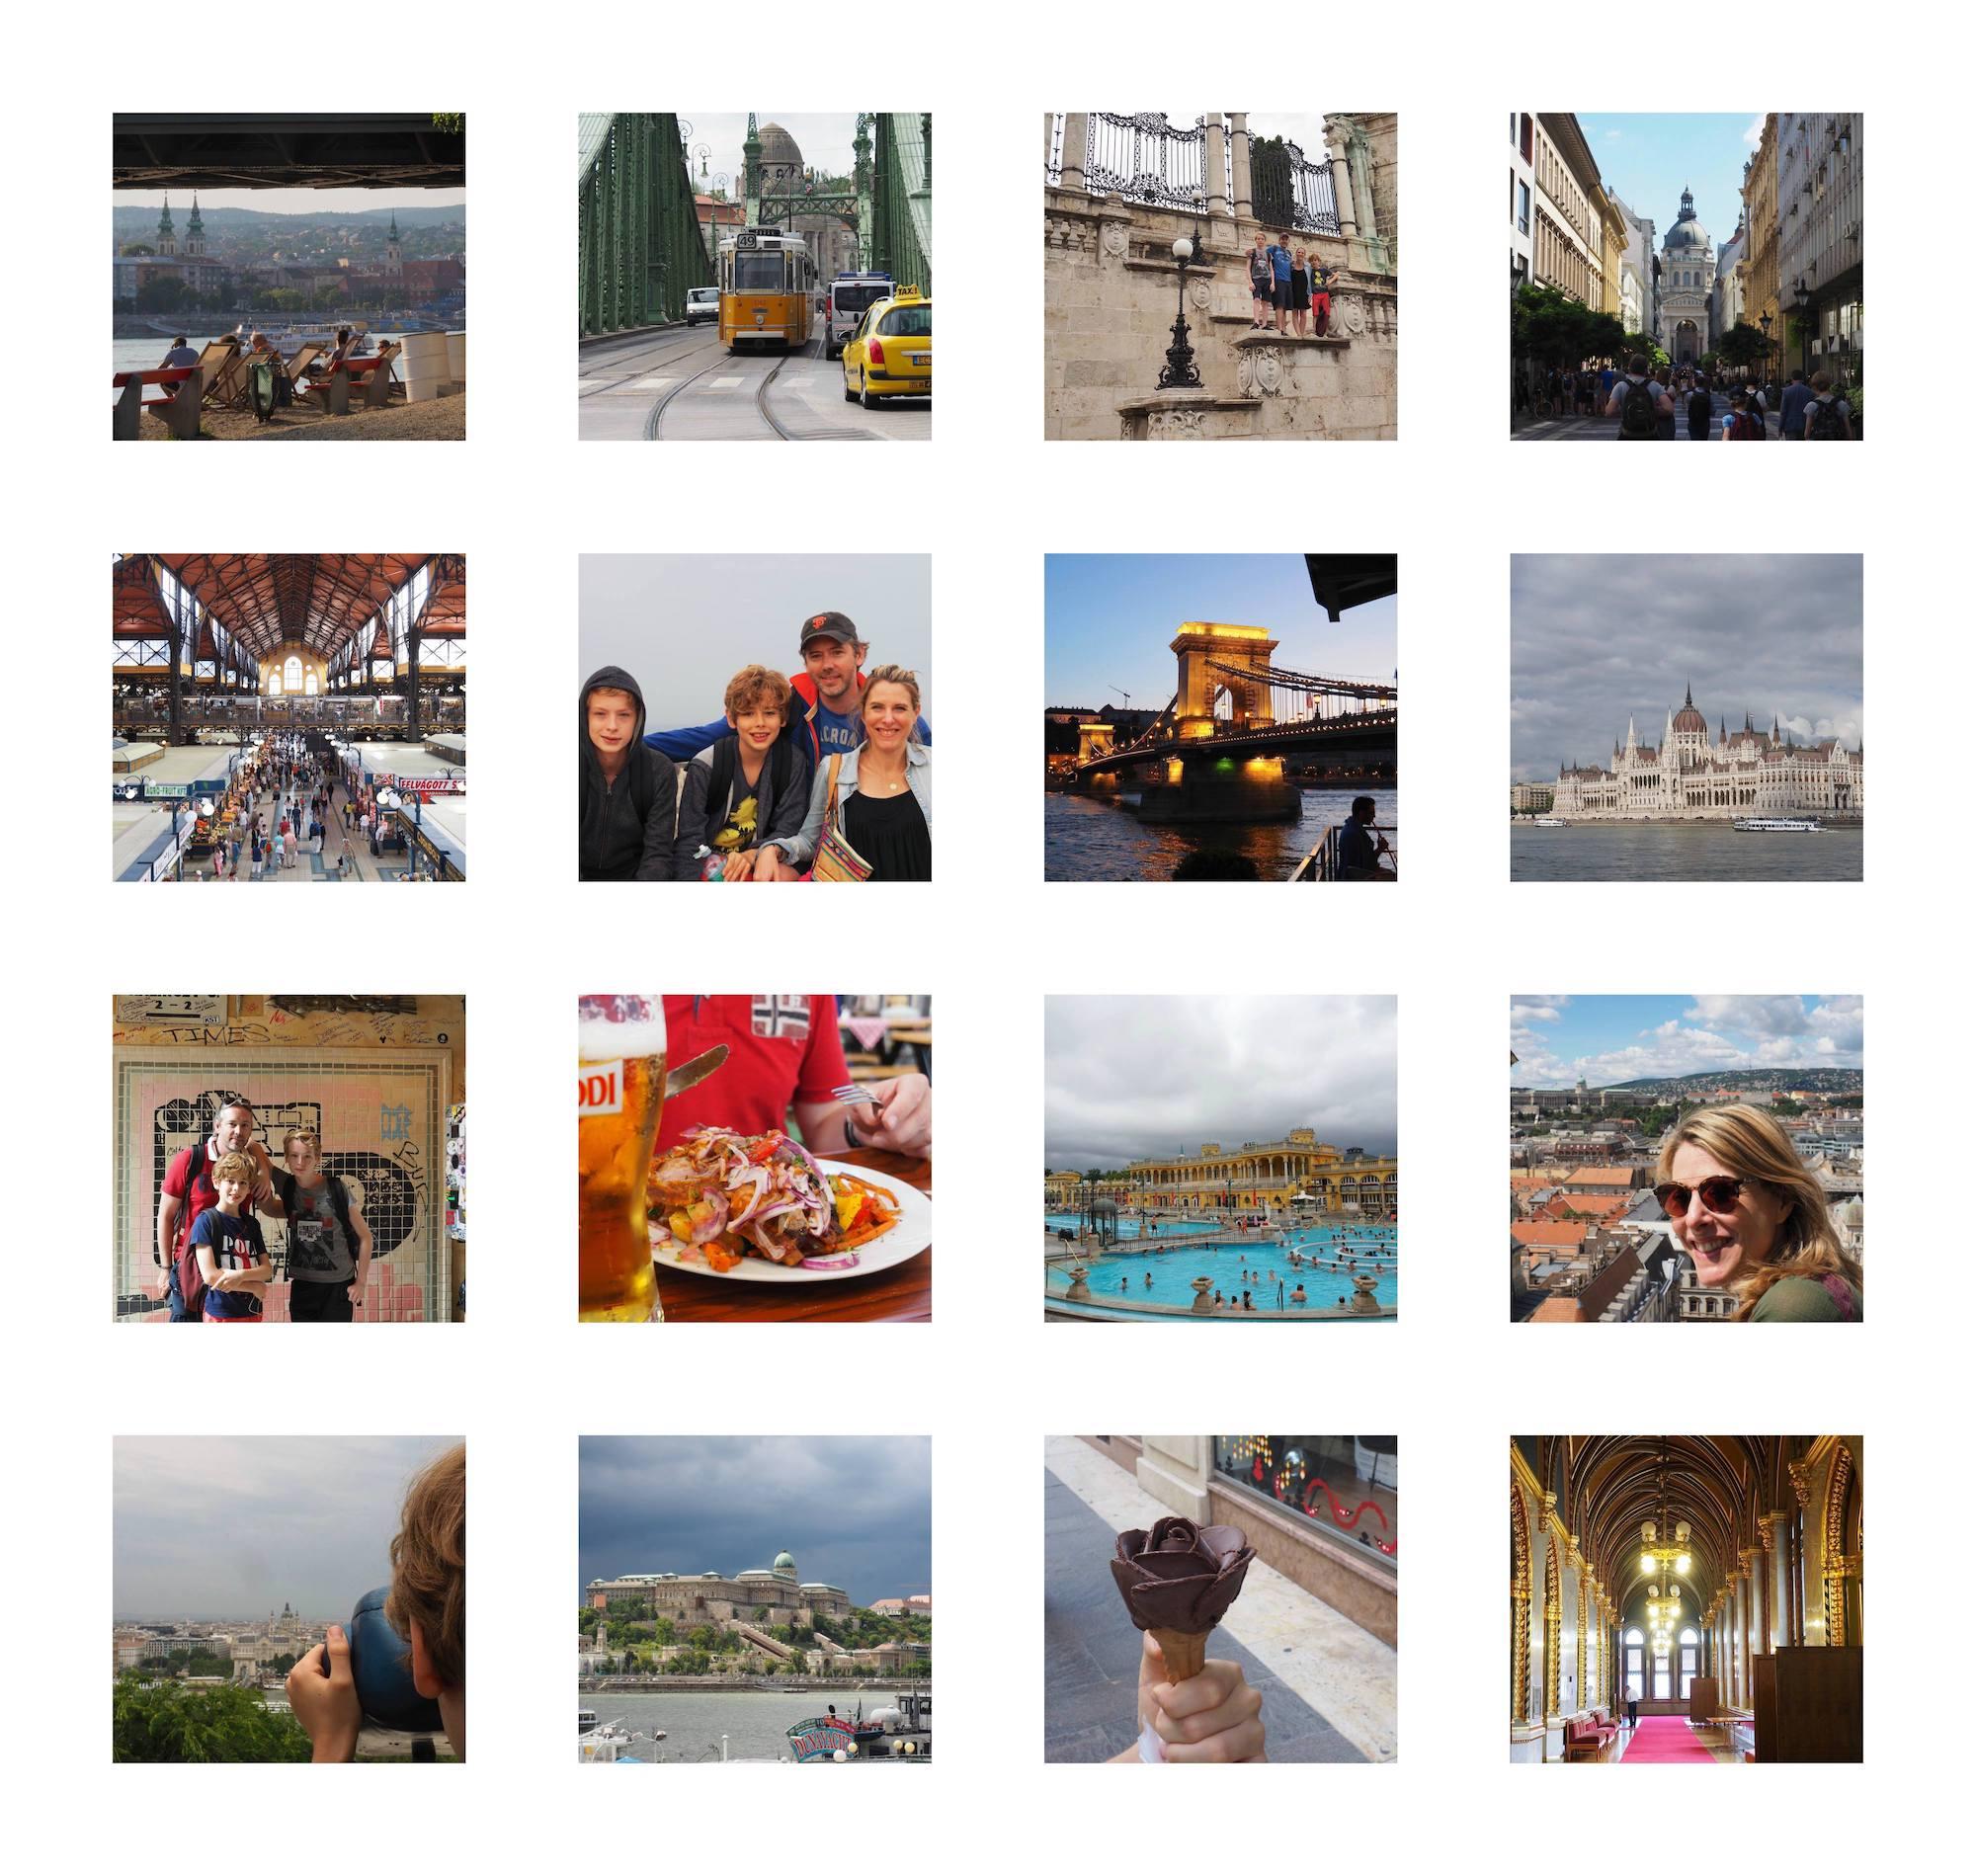 Visite de Budapest en famille, itinéraire sur 5 jours - on a aimé !